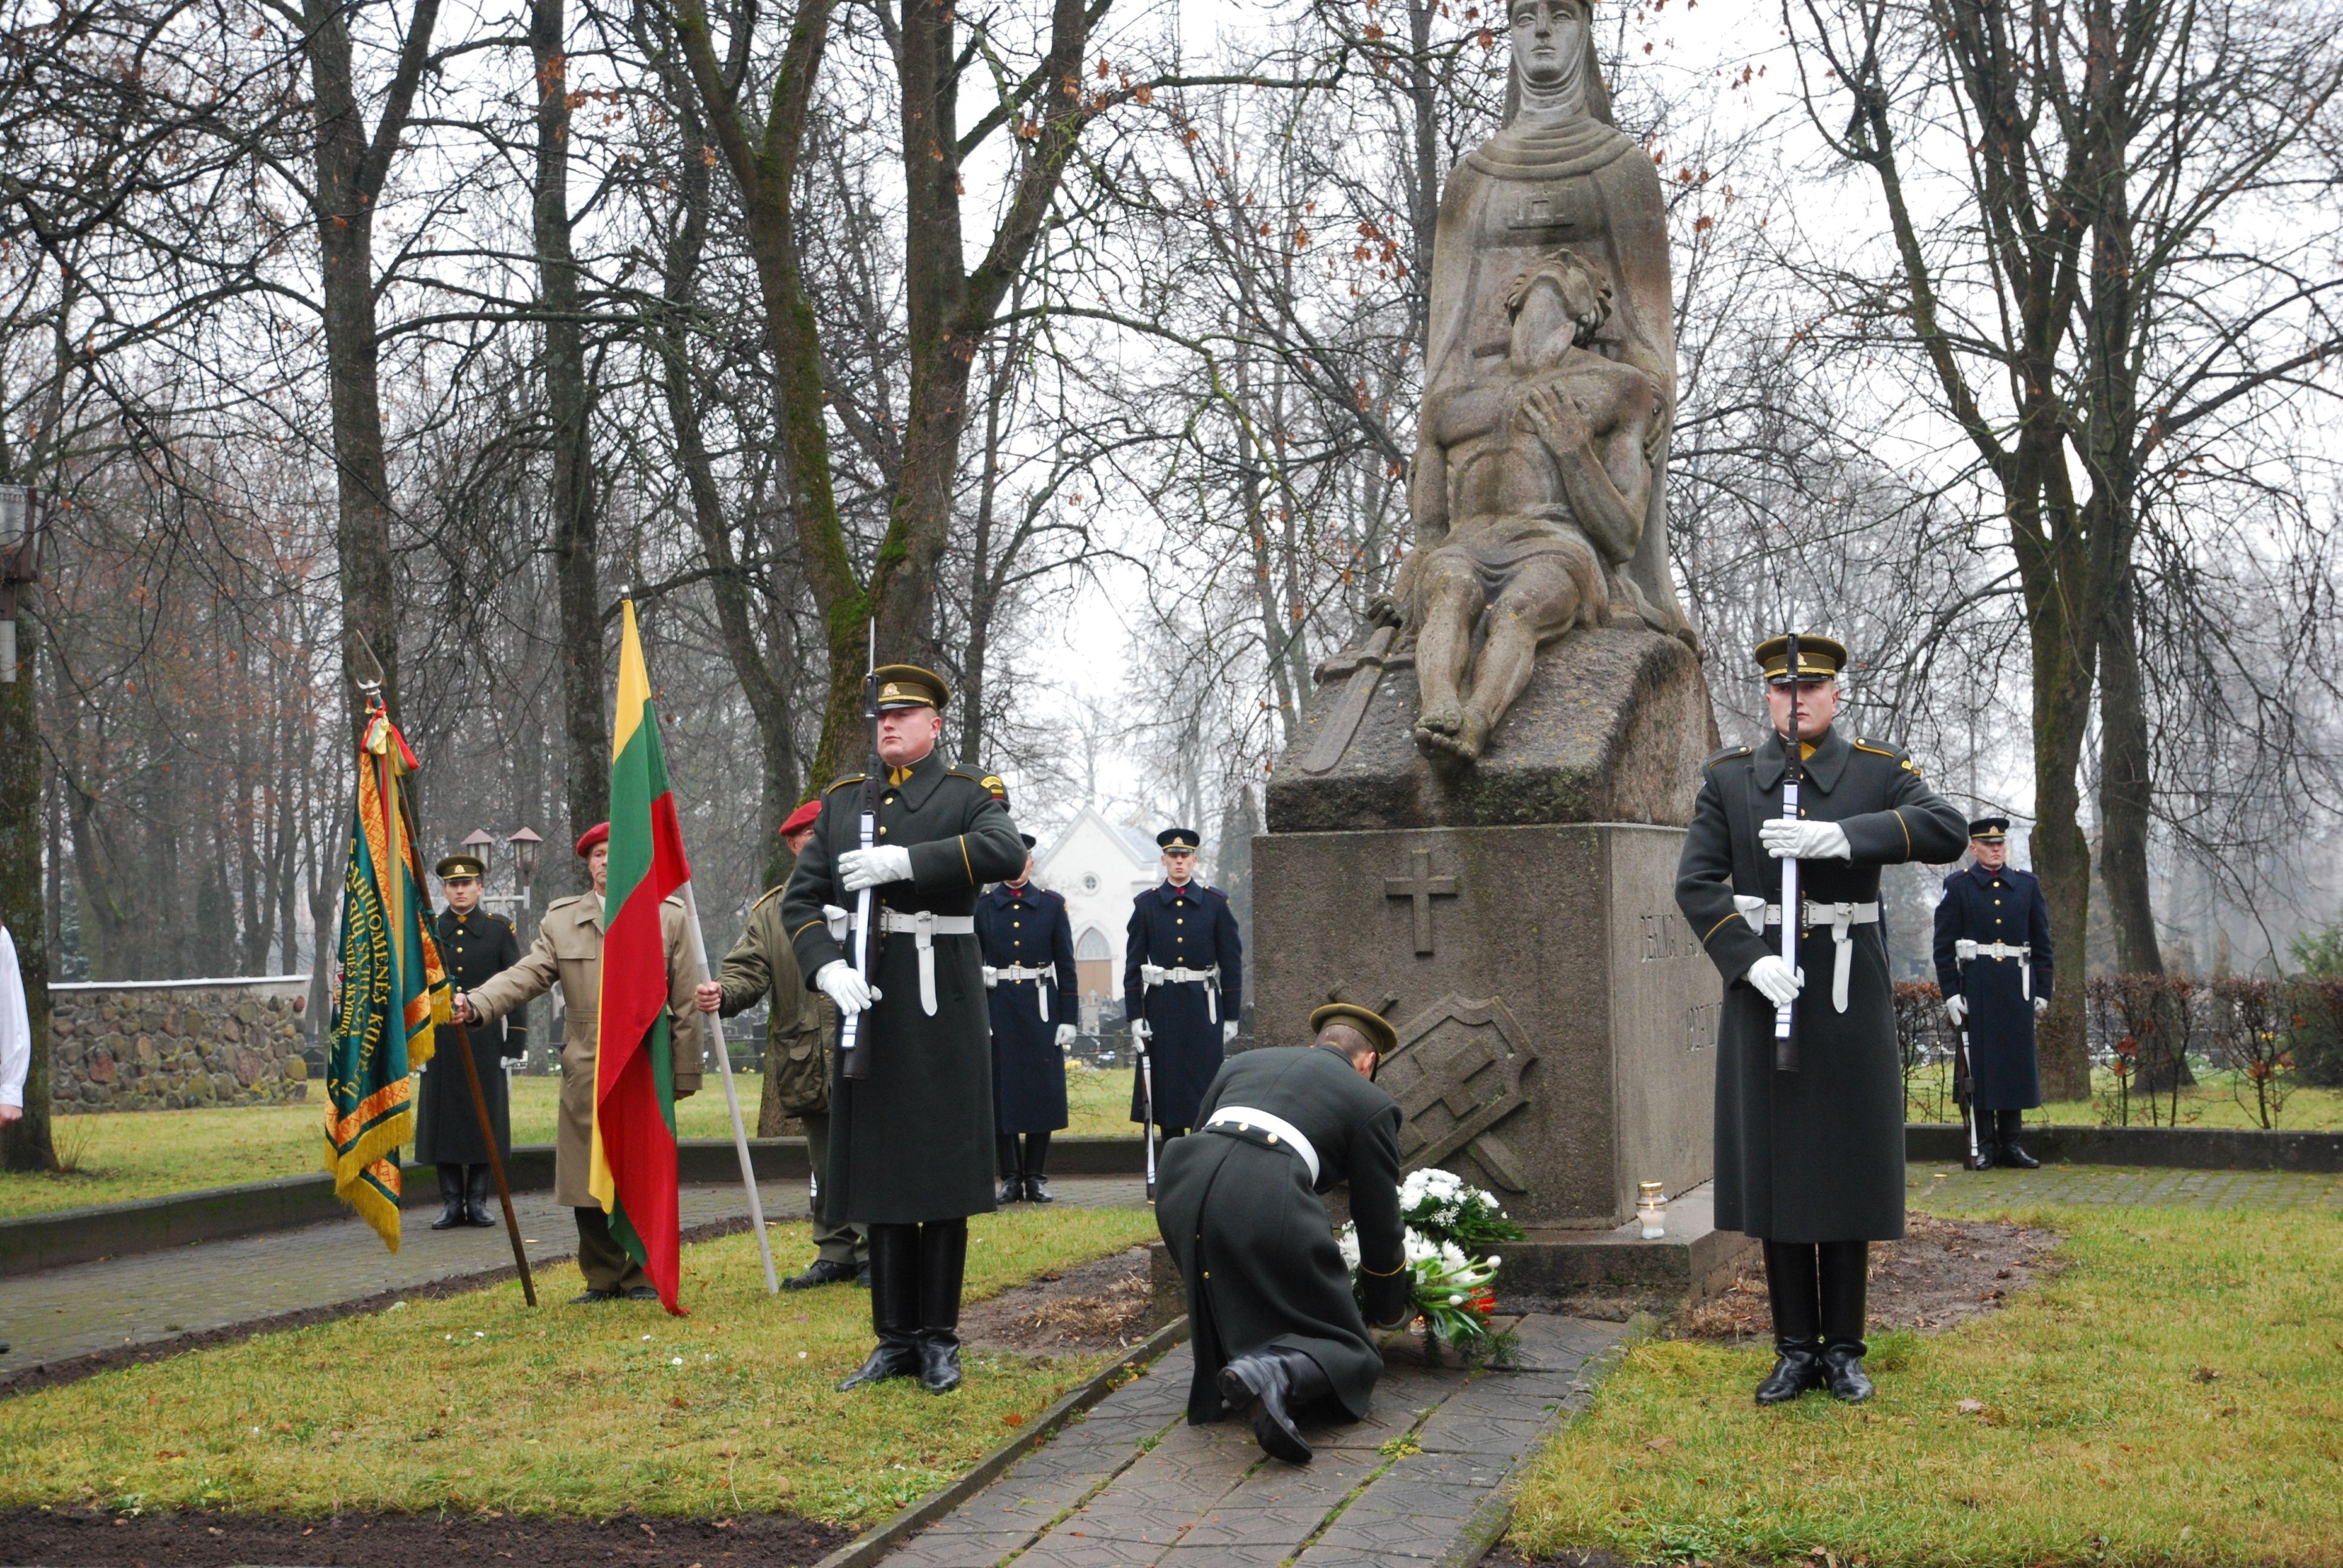 Gėlės – prieš 90 metų žuvusiųjų dėl Lietuvos laisvės atminimui Širvintose, prie Nepriklausomybės paminklo | S. Nemeikaitės nuotr.